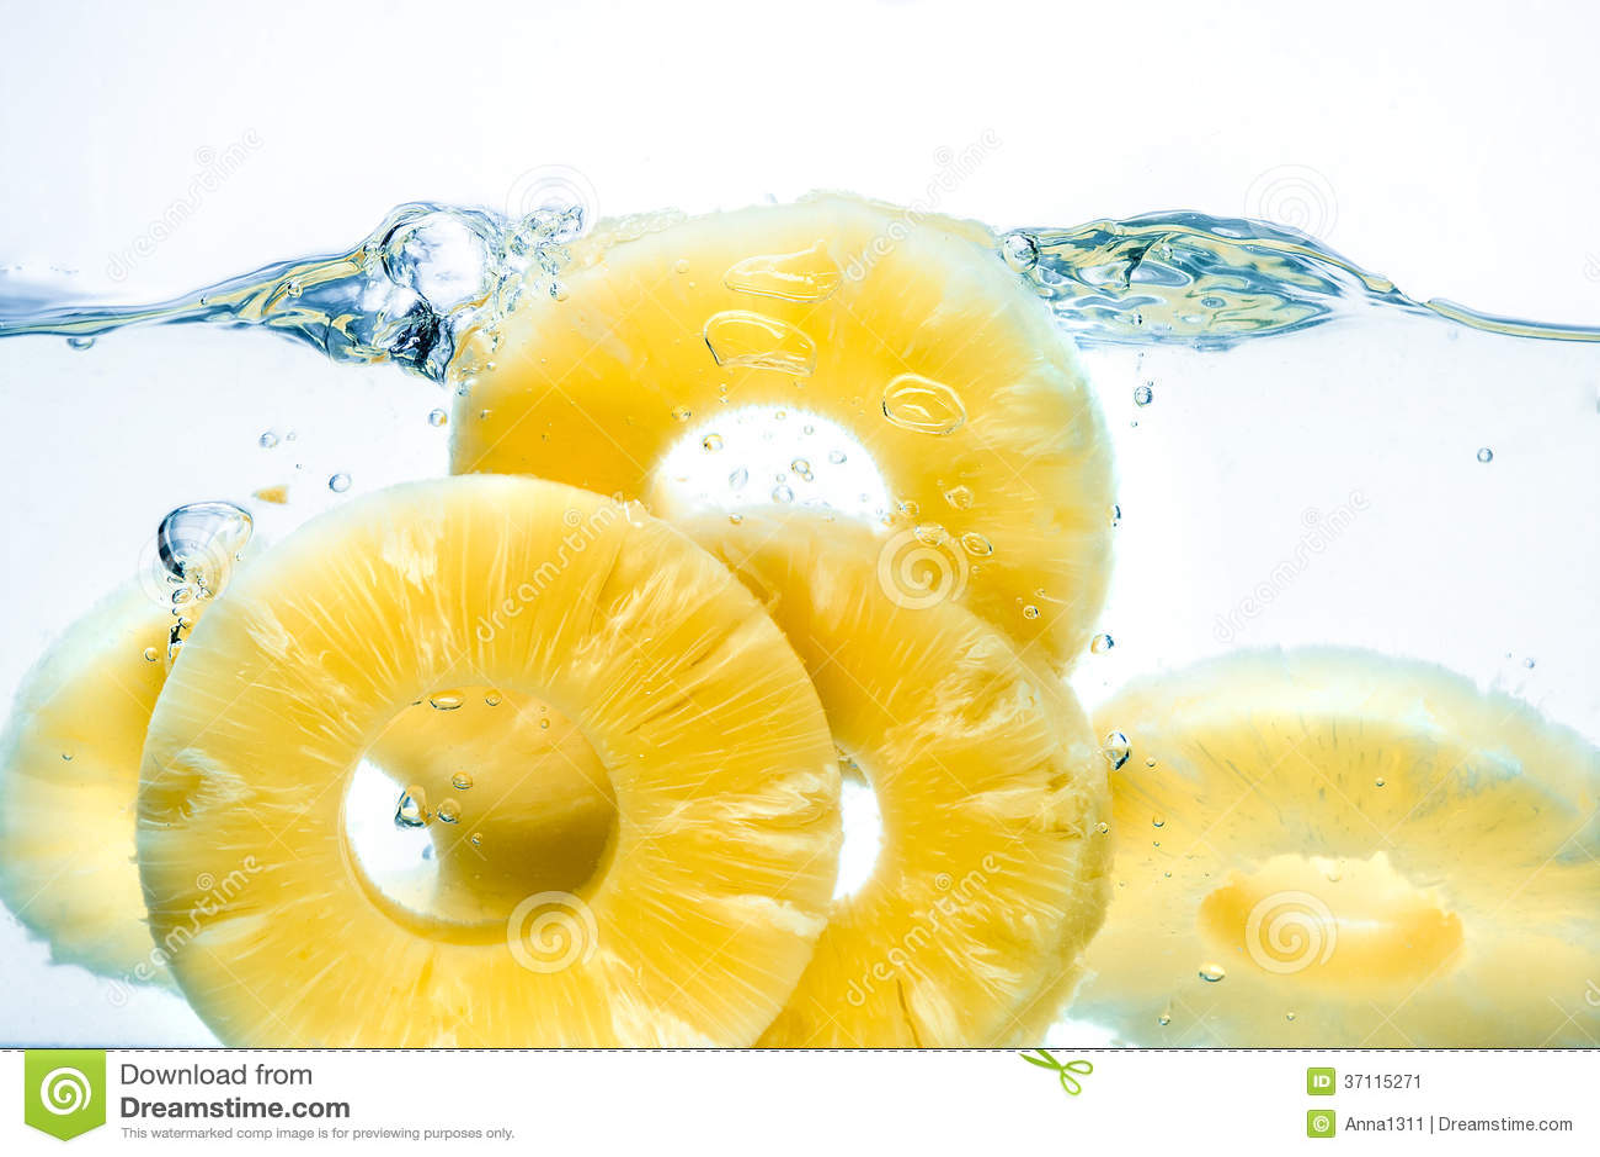 菠萝。被保存的果子飞溅在水中